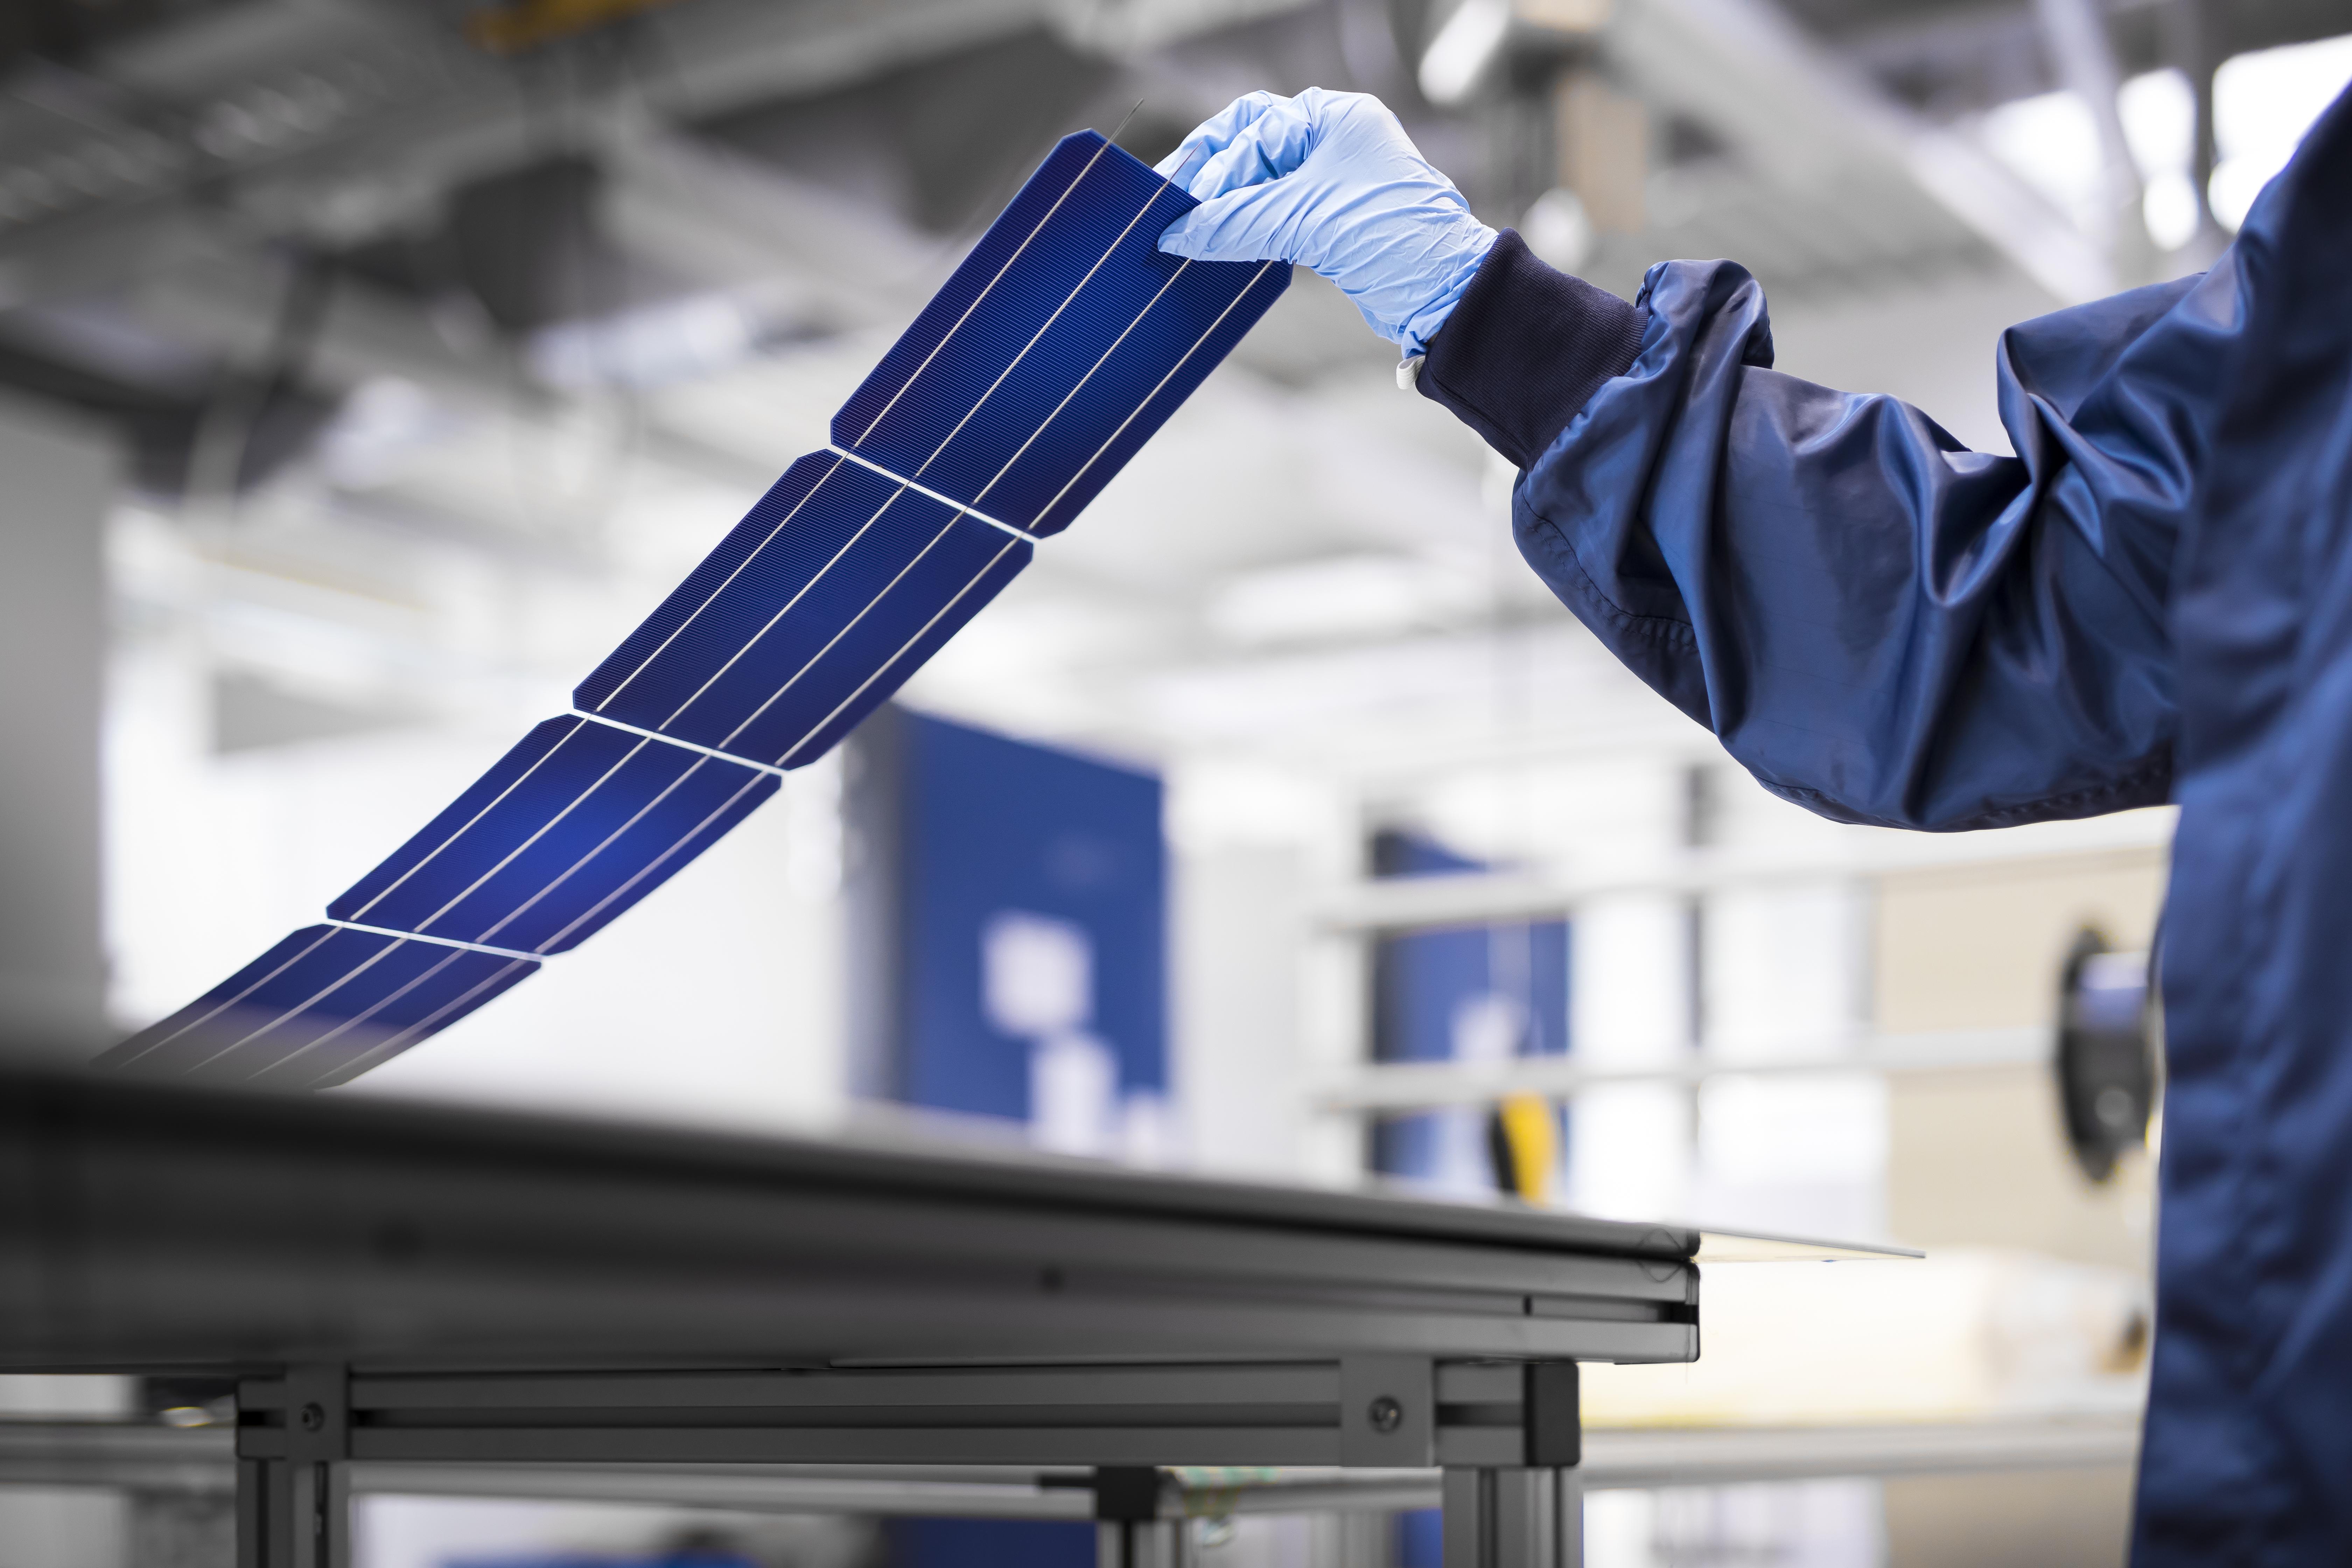 pannelli fotovoltaici con foto